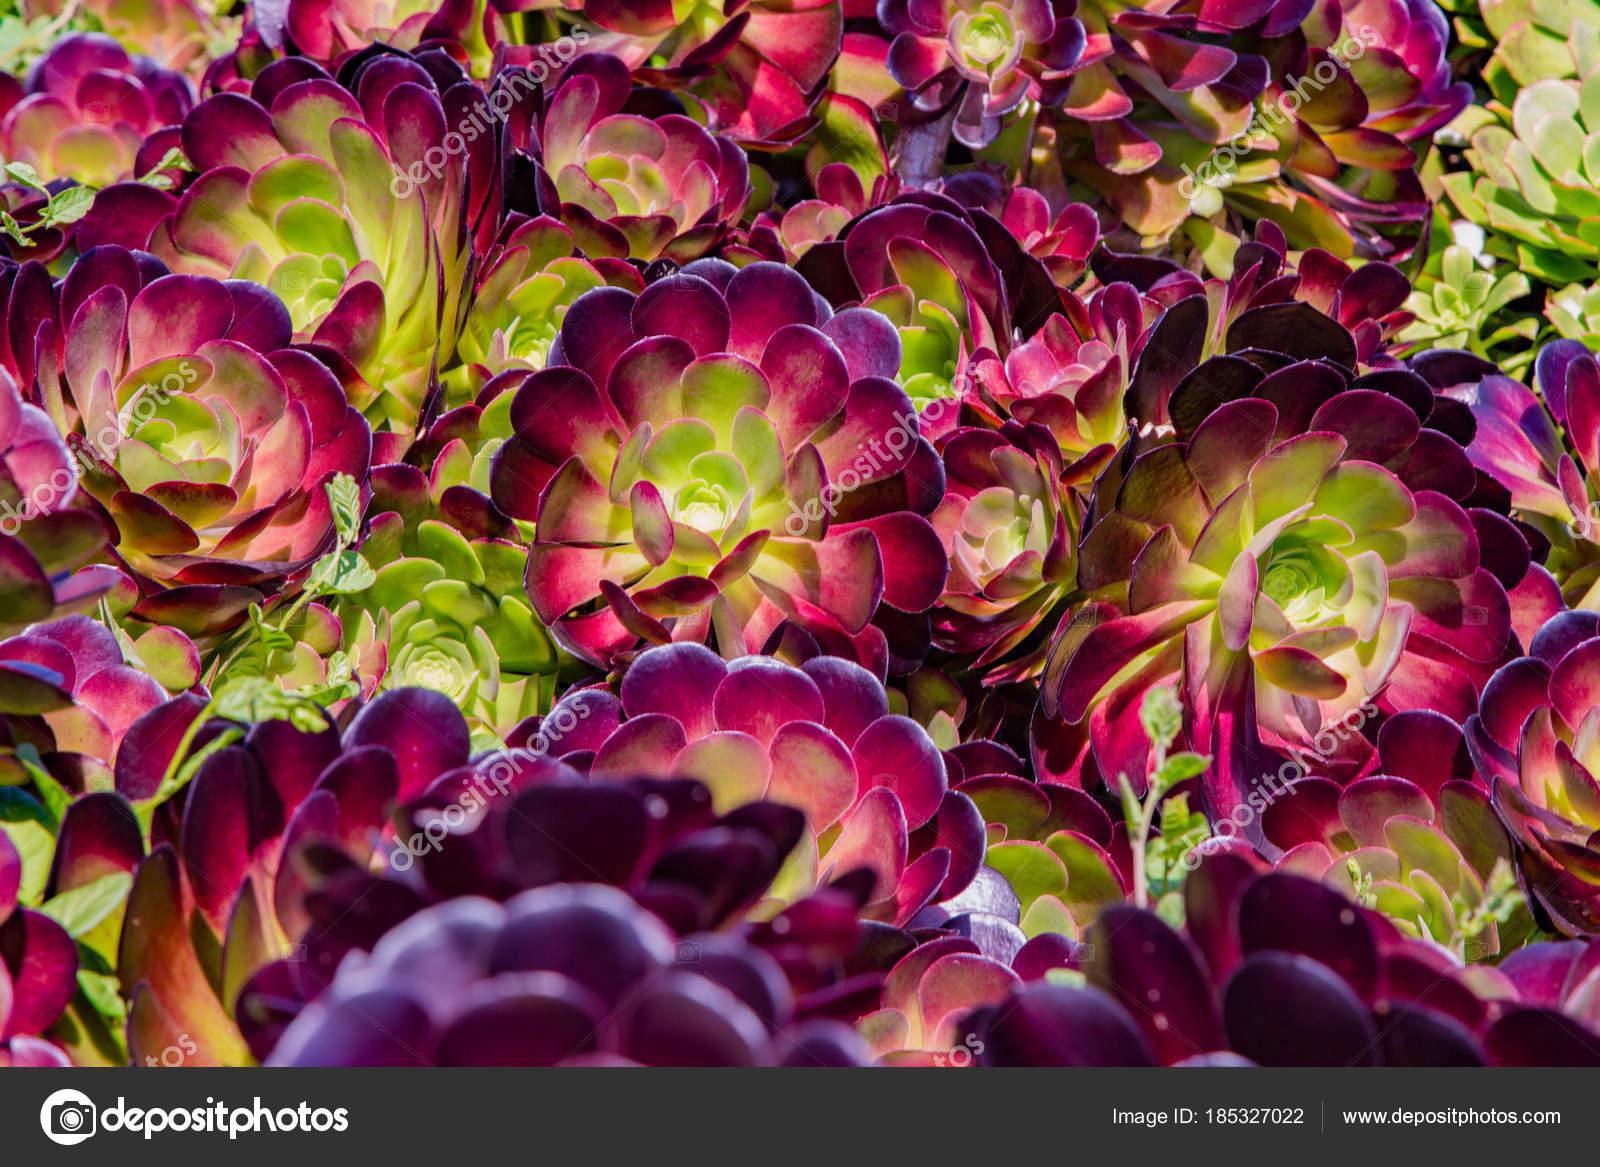 Fondos De Pantalla Plantas Suculentas Muchas Flores Suculentas